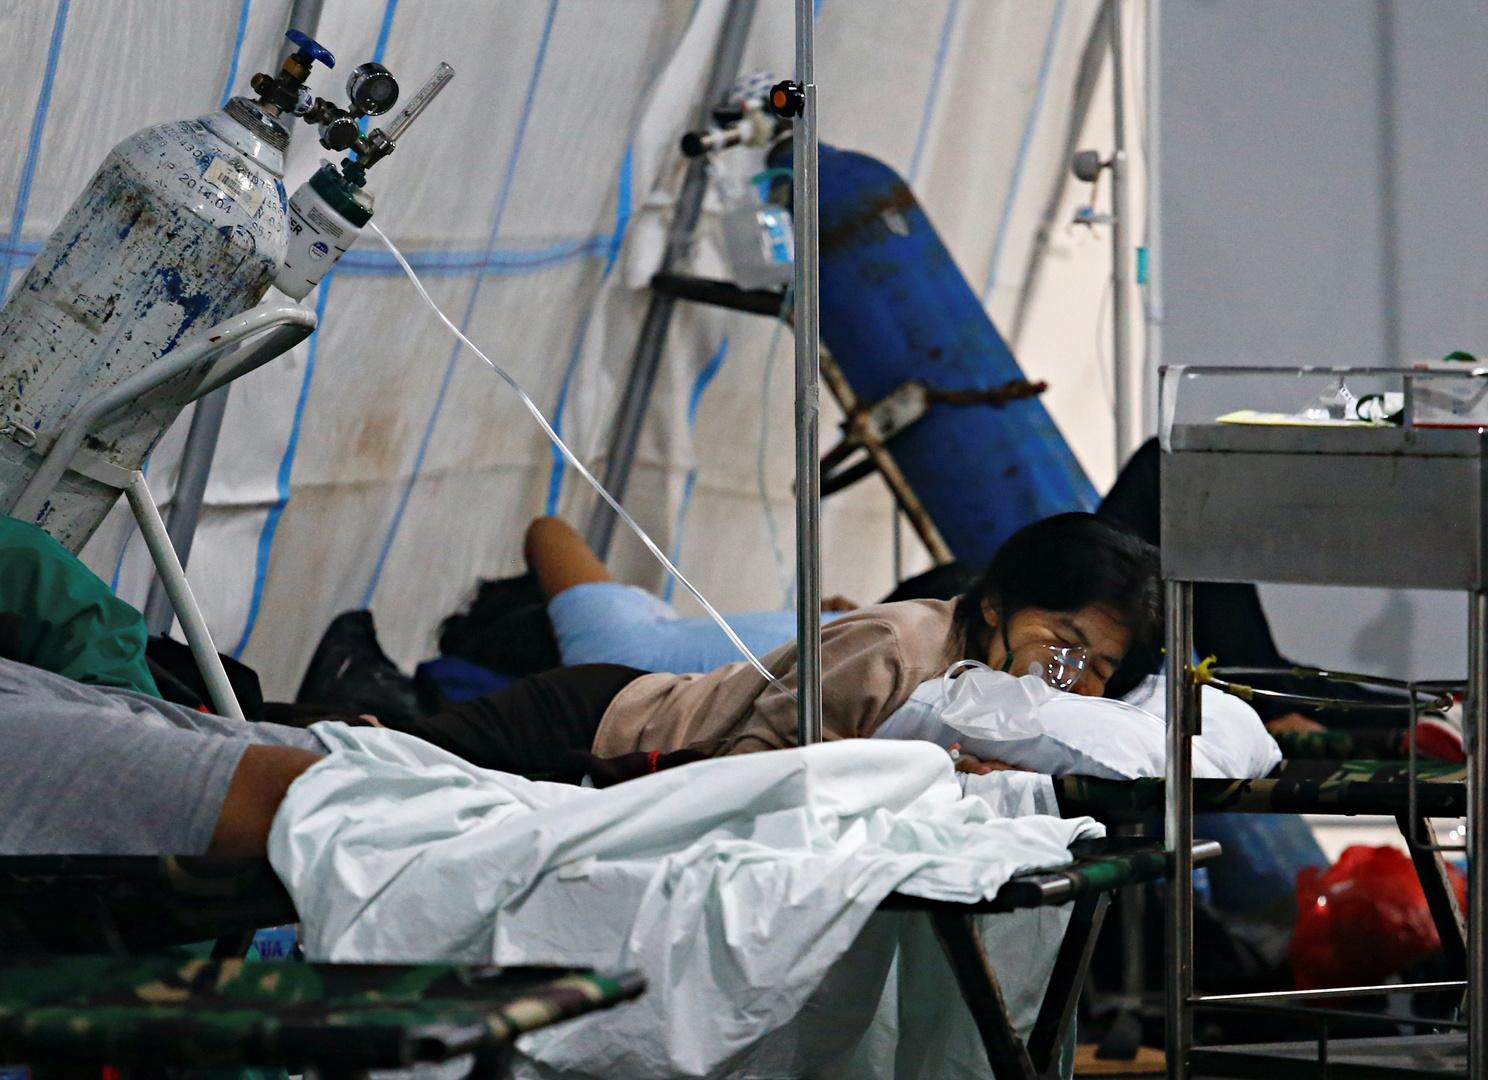 إندونيسيا تسجل ارتفاعا قياسيا بإصابات كورونا